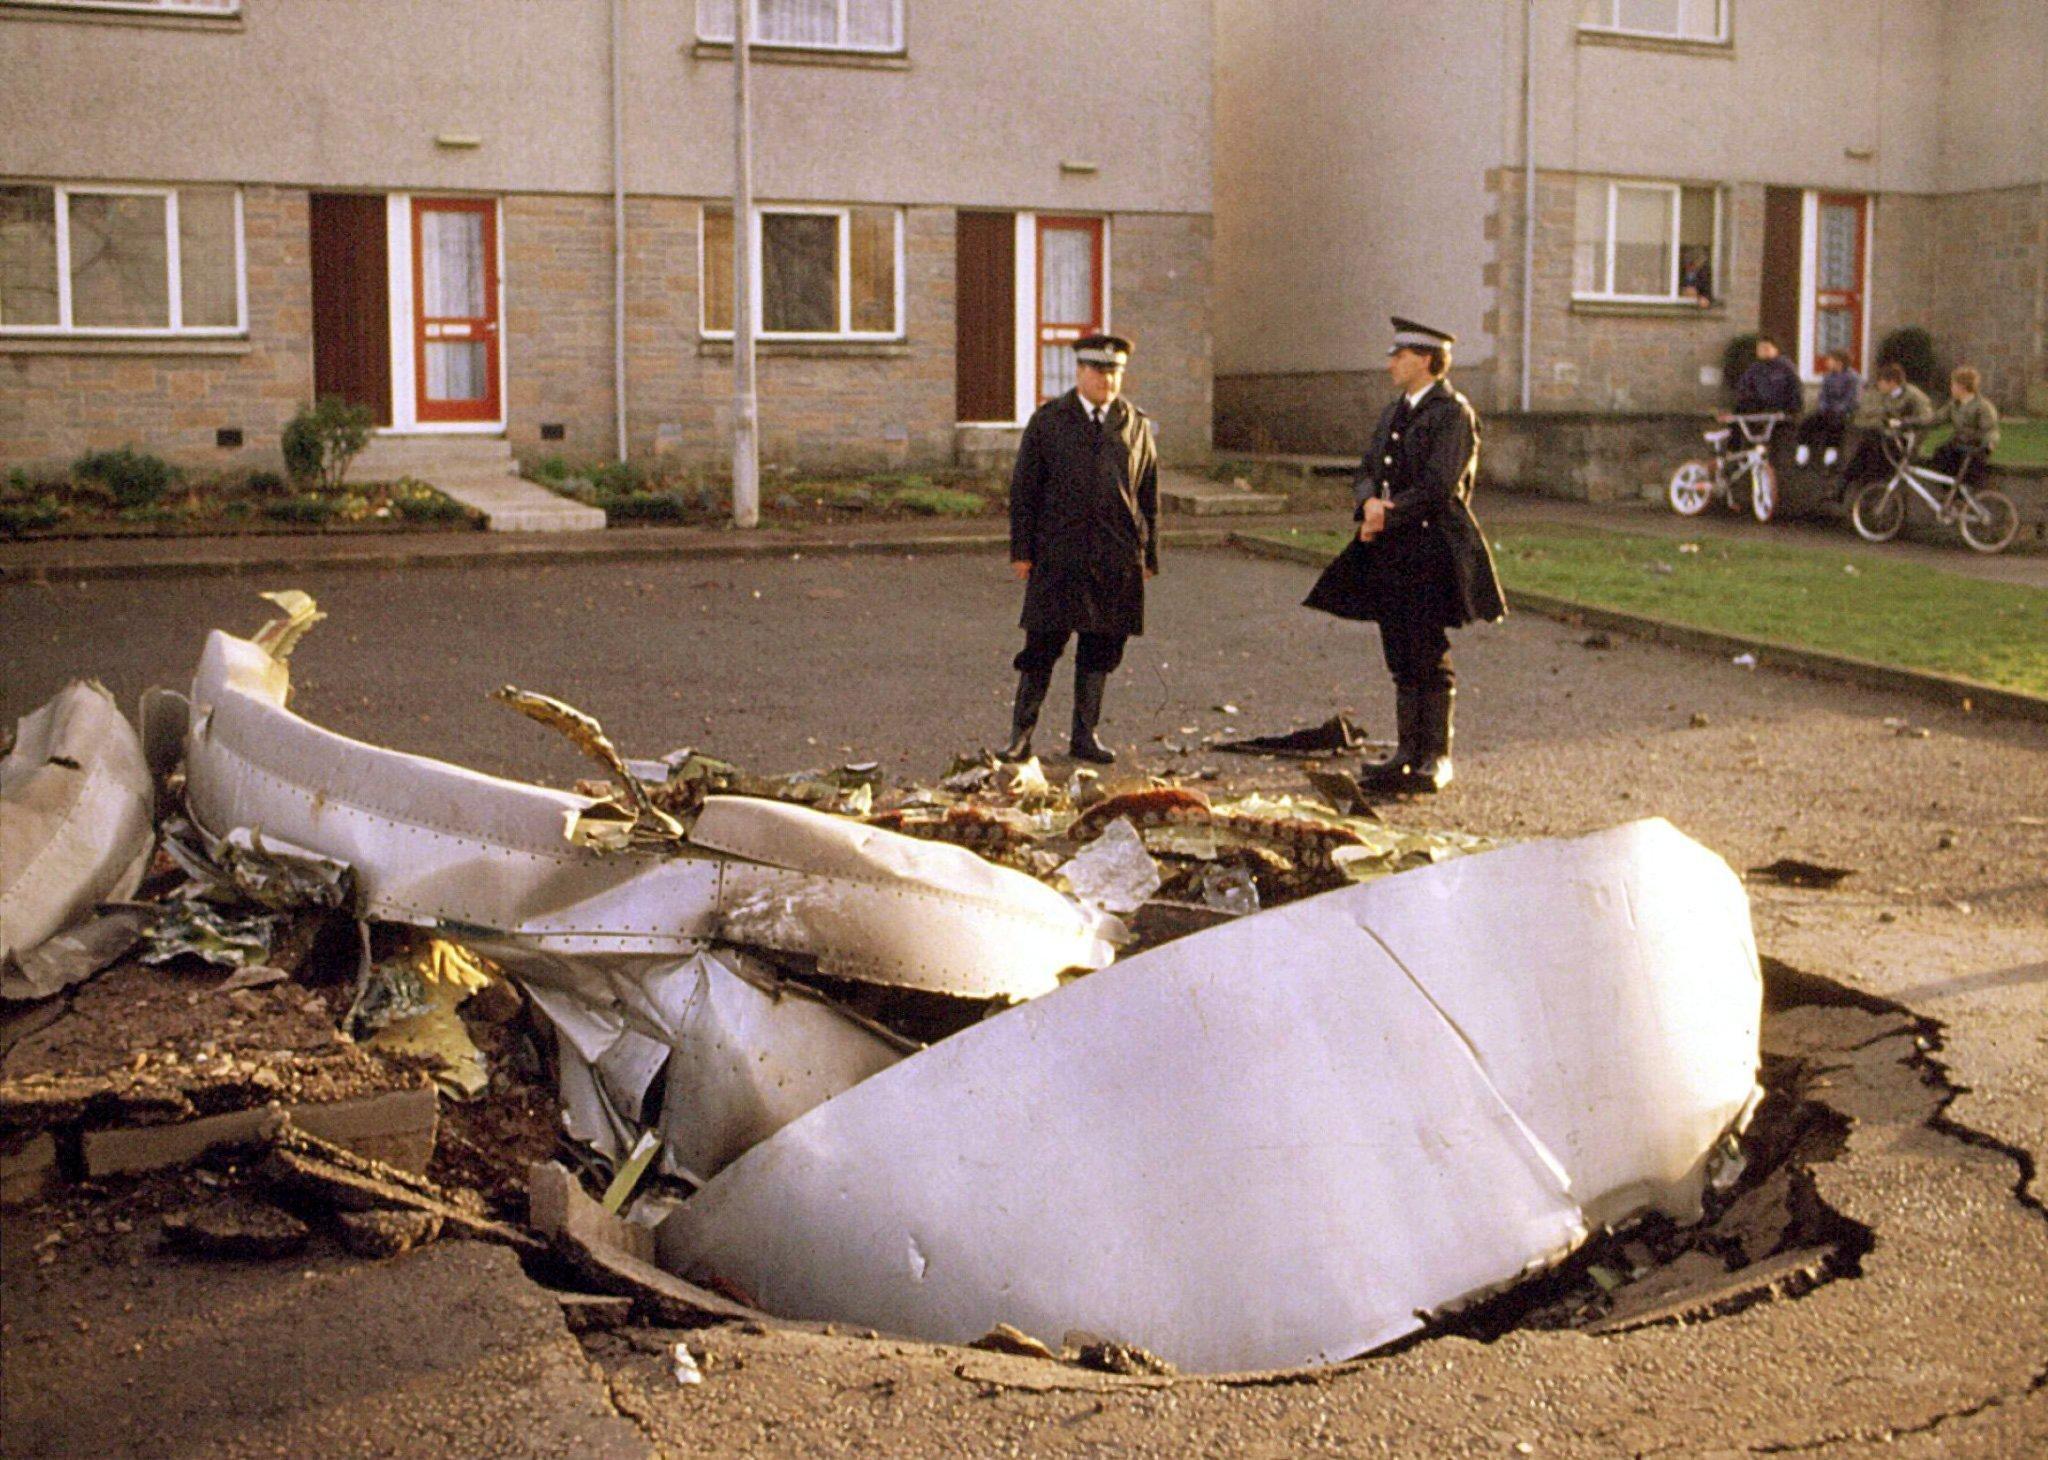 Zwei Polizisten stehen am 21. Dezember 1988 im schottischen Lockerbie hinter den Trümmerteilen eines Triebwerks der Passagiermaschine der amerikanischen Fluggesellschaft PanAm, die durch eine Bombenexplosion abgestürzt war.